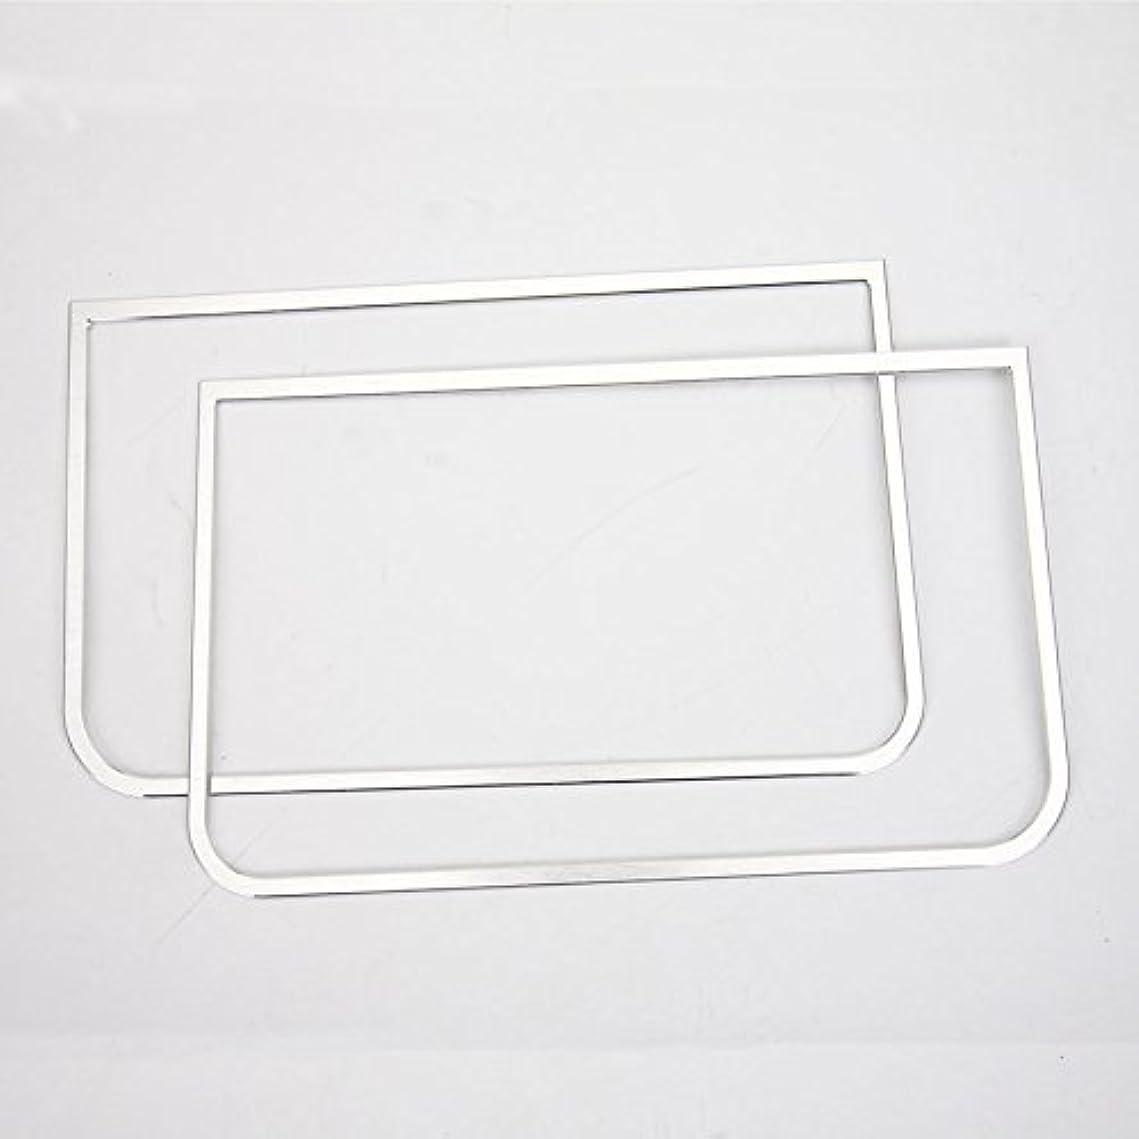 未亡人試してみるツールJicorzo - Car Styling Dashboard Sound Speaker Cover Trim Interior Decor Frame Molding Chrome ABS Sticker For Jeep Wrangler JK 2011-2016 [Silver]